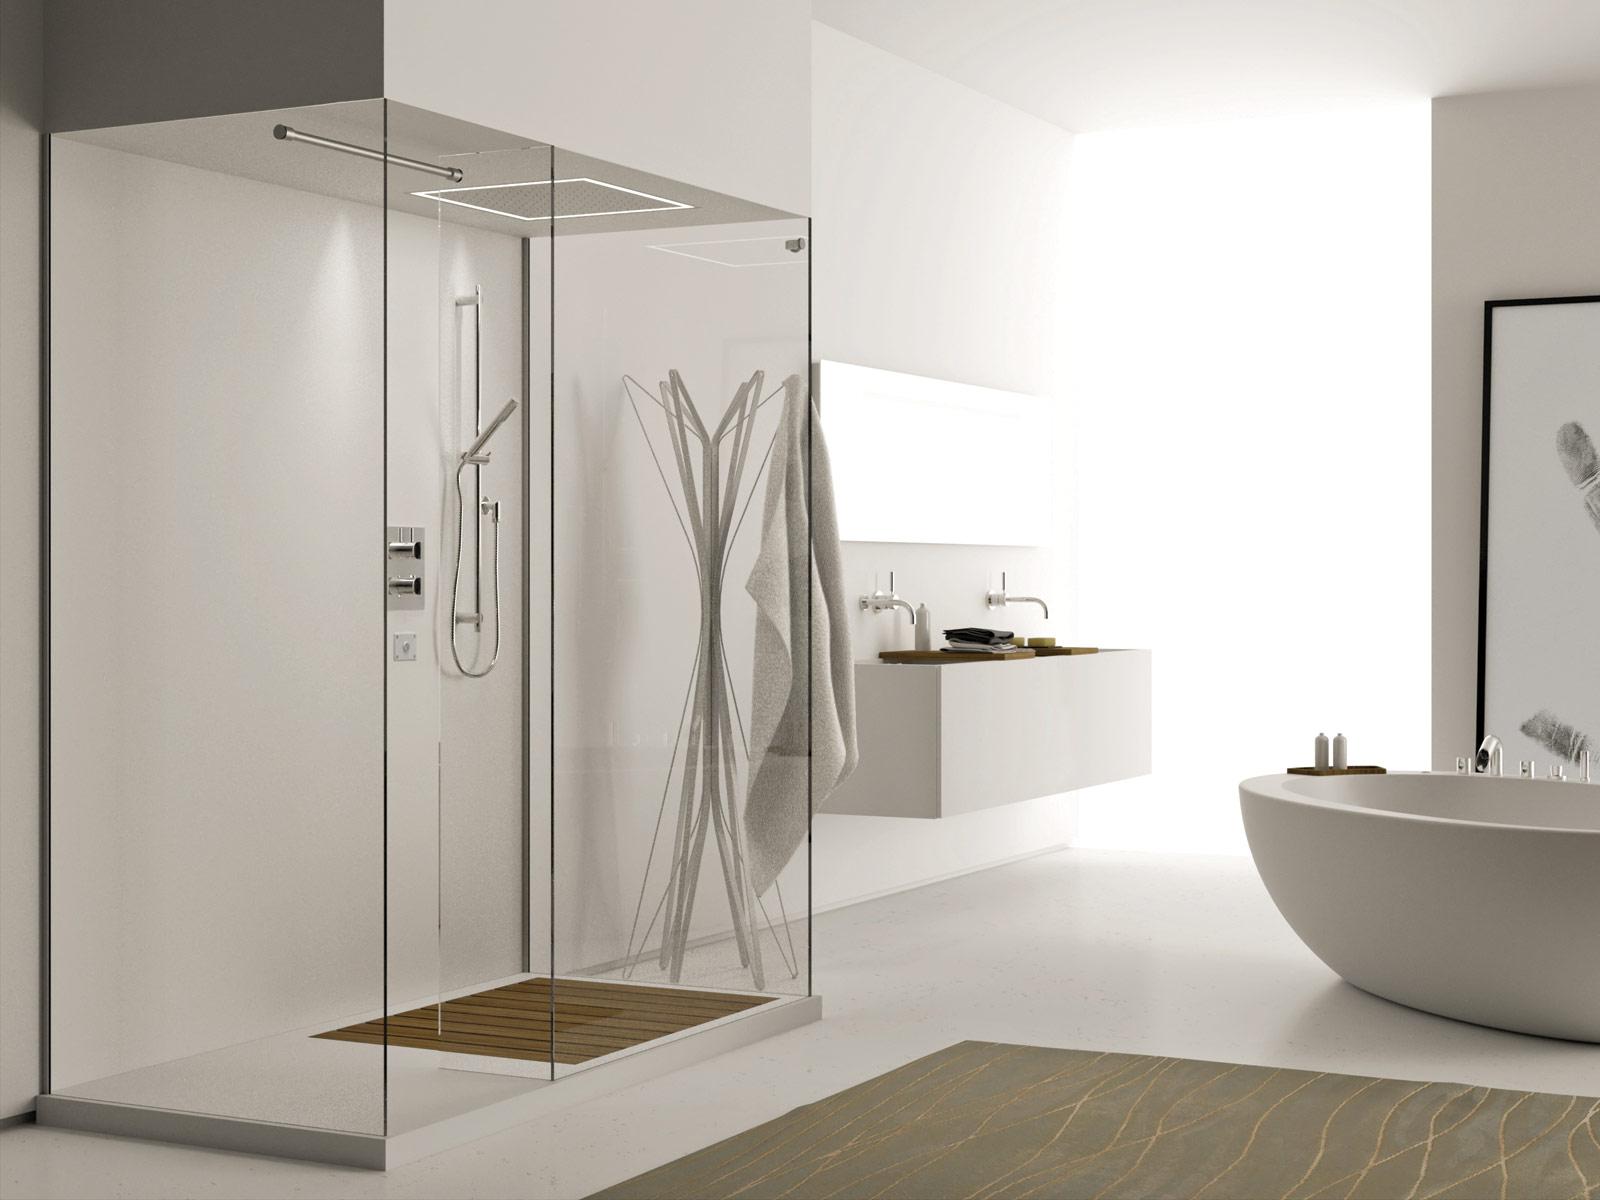 mobili da bagno e camini moma design - Arredo Bagno Esempi